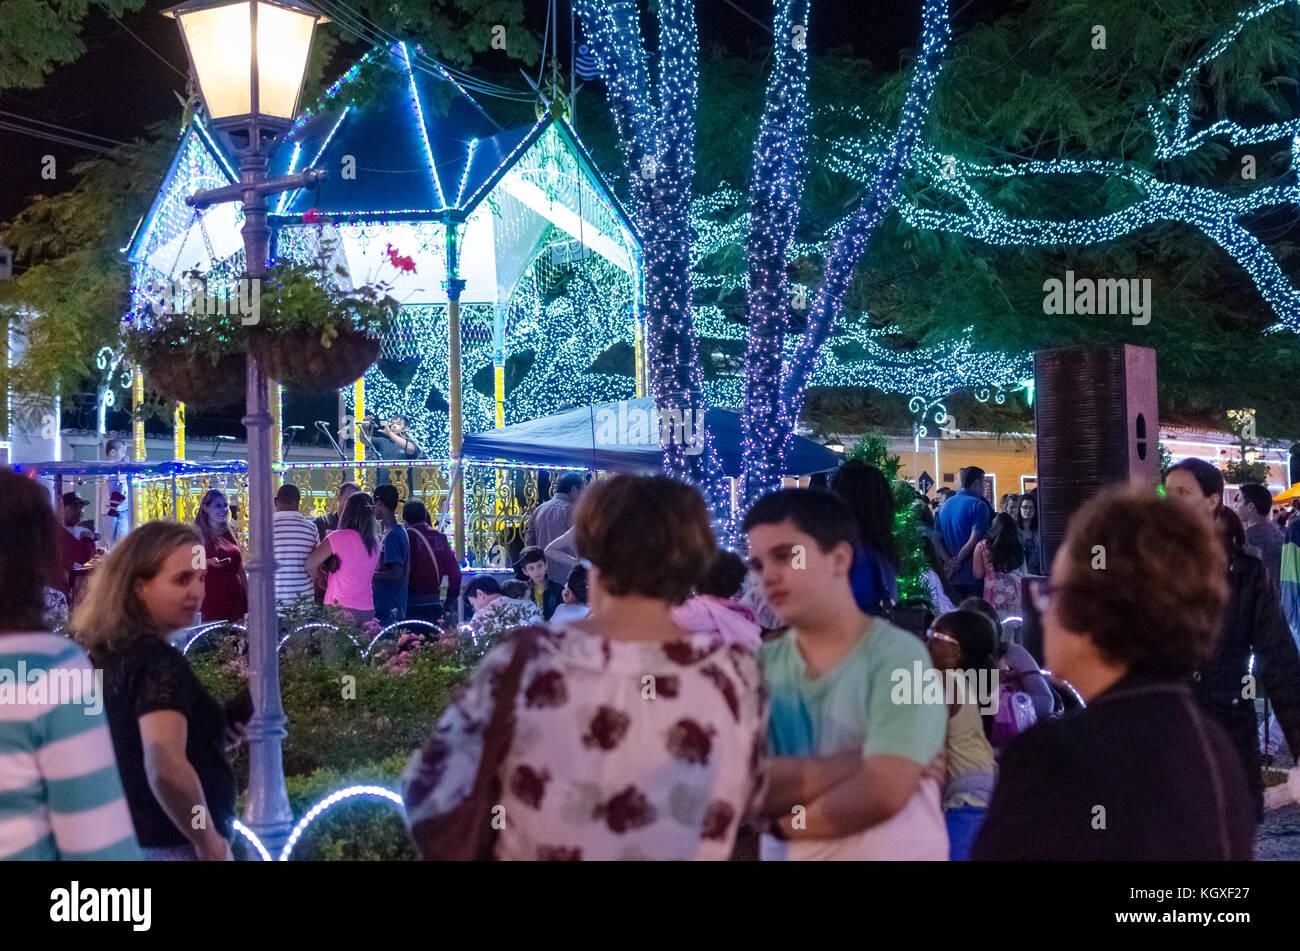 Sao Paulo, Brasil, 17 de diciembre de 2016: la gente observar la decoración de Navidad en una plaza pública Imagen De Stock